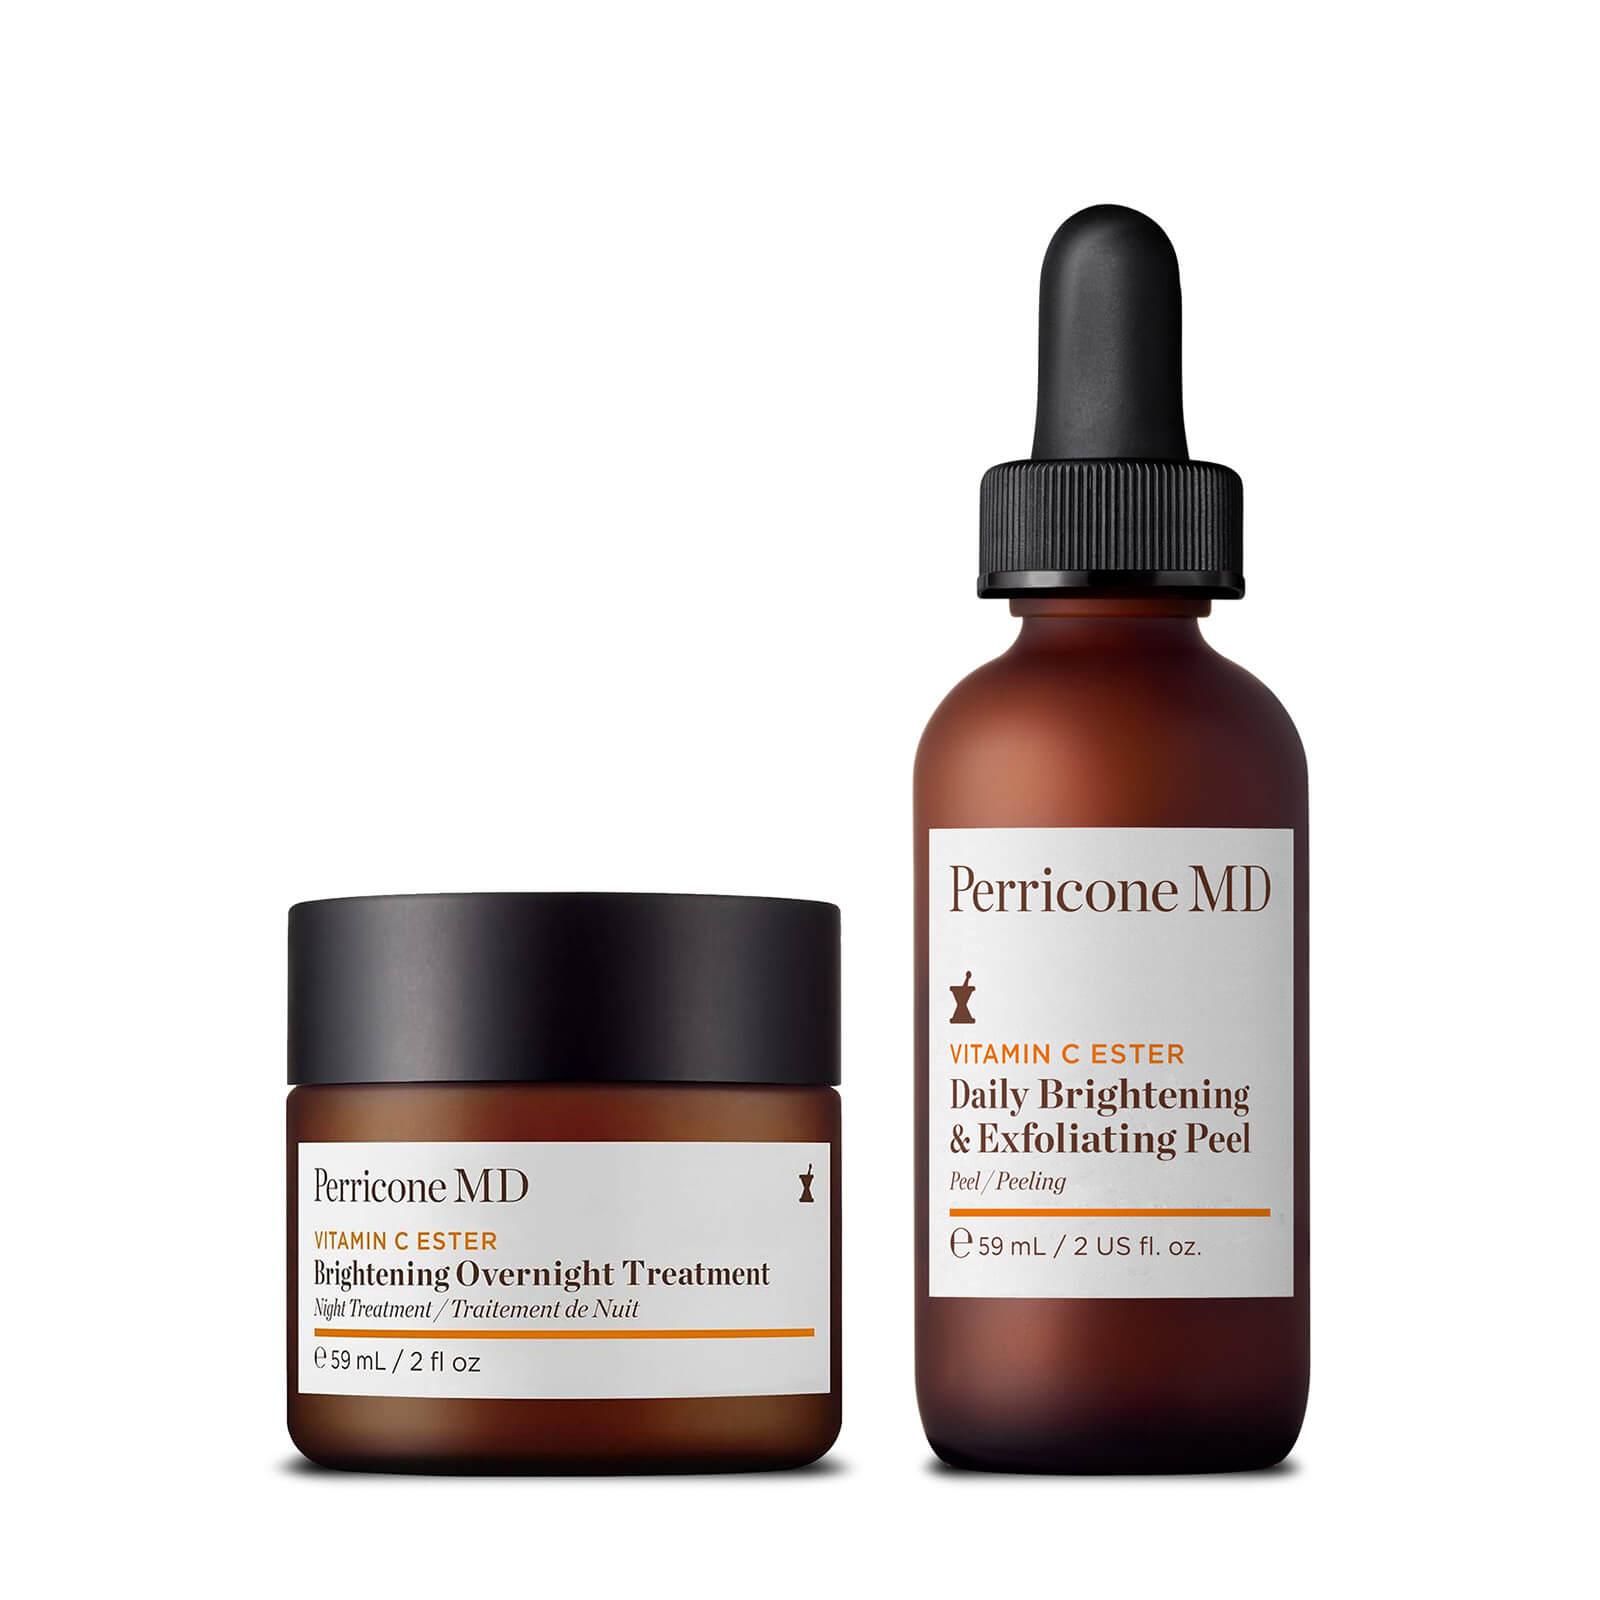 Perricone MD Vitamin C Ester Exfoliating and Brightening Duo